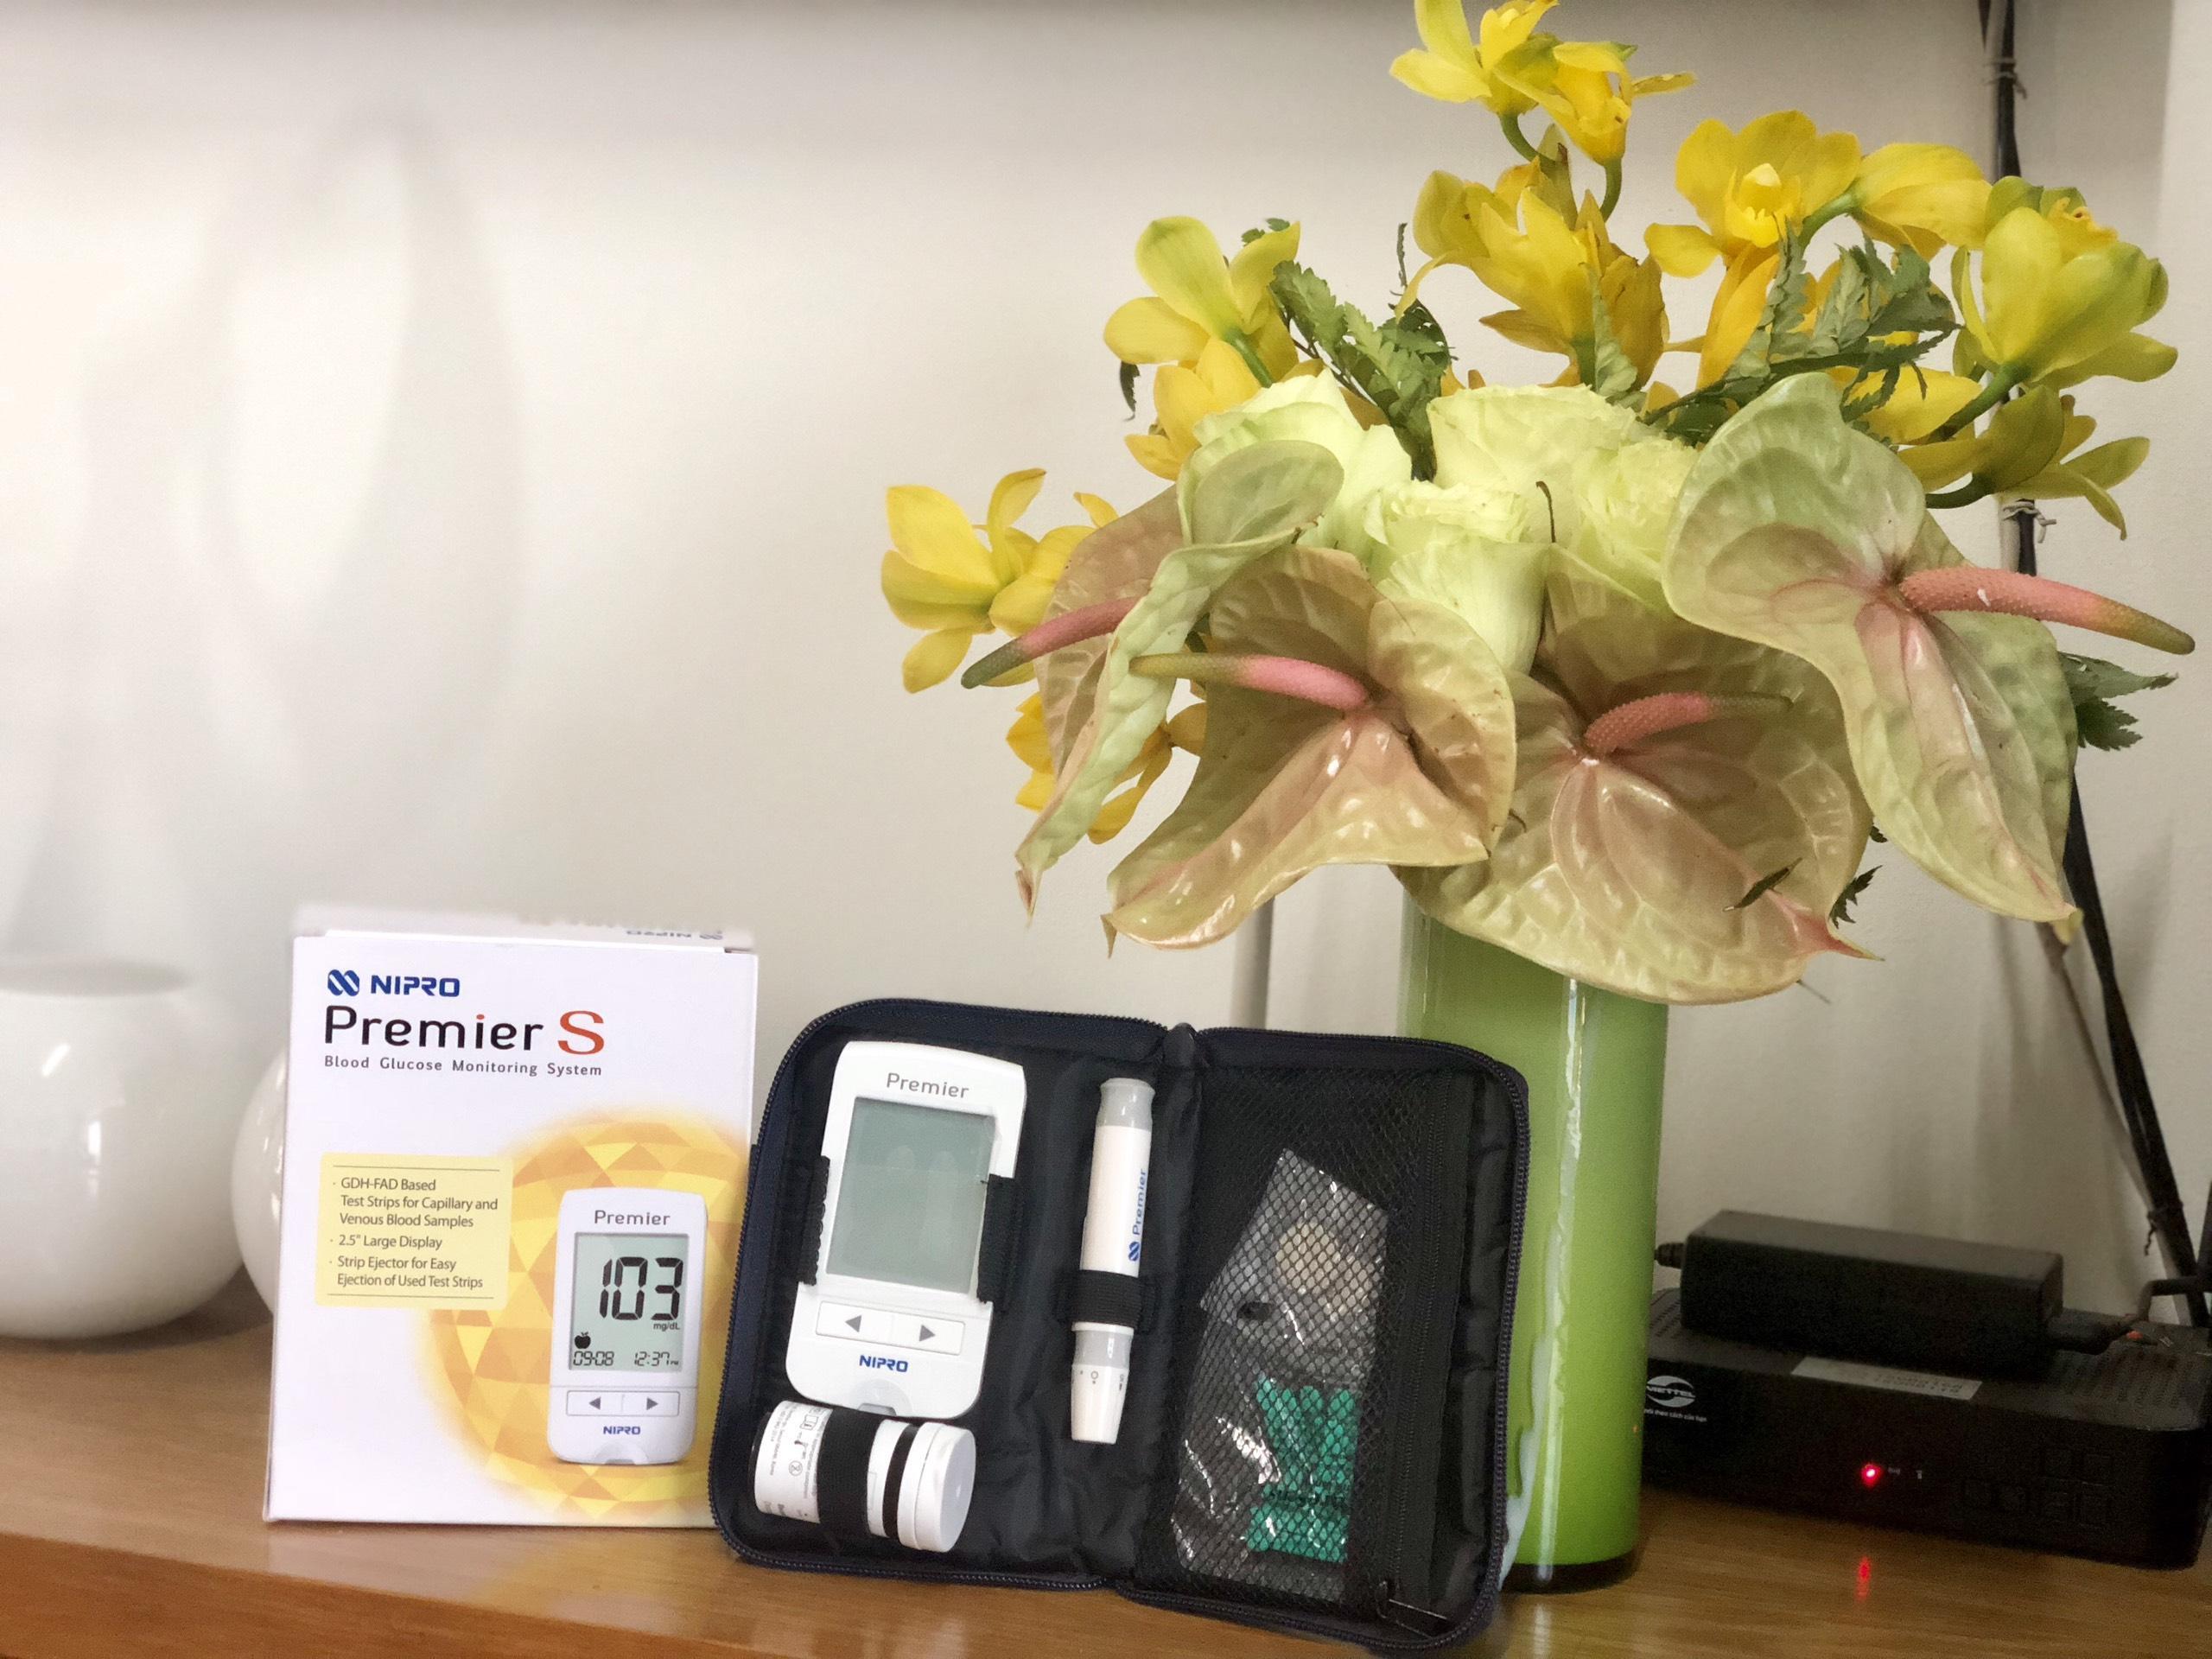 Máy đo đường huyết Nipro Premier S chính hãng công nghệ nhật Bản bán chạy